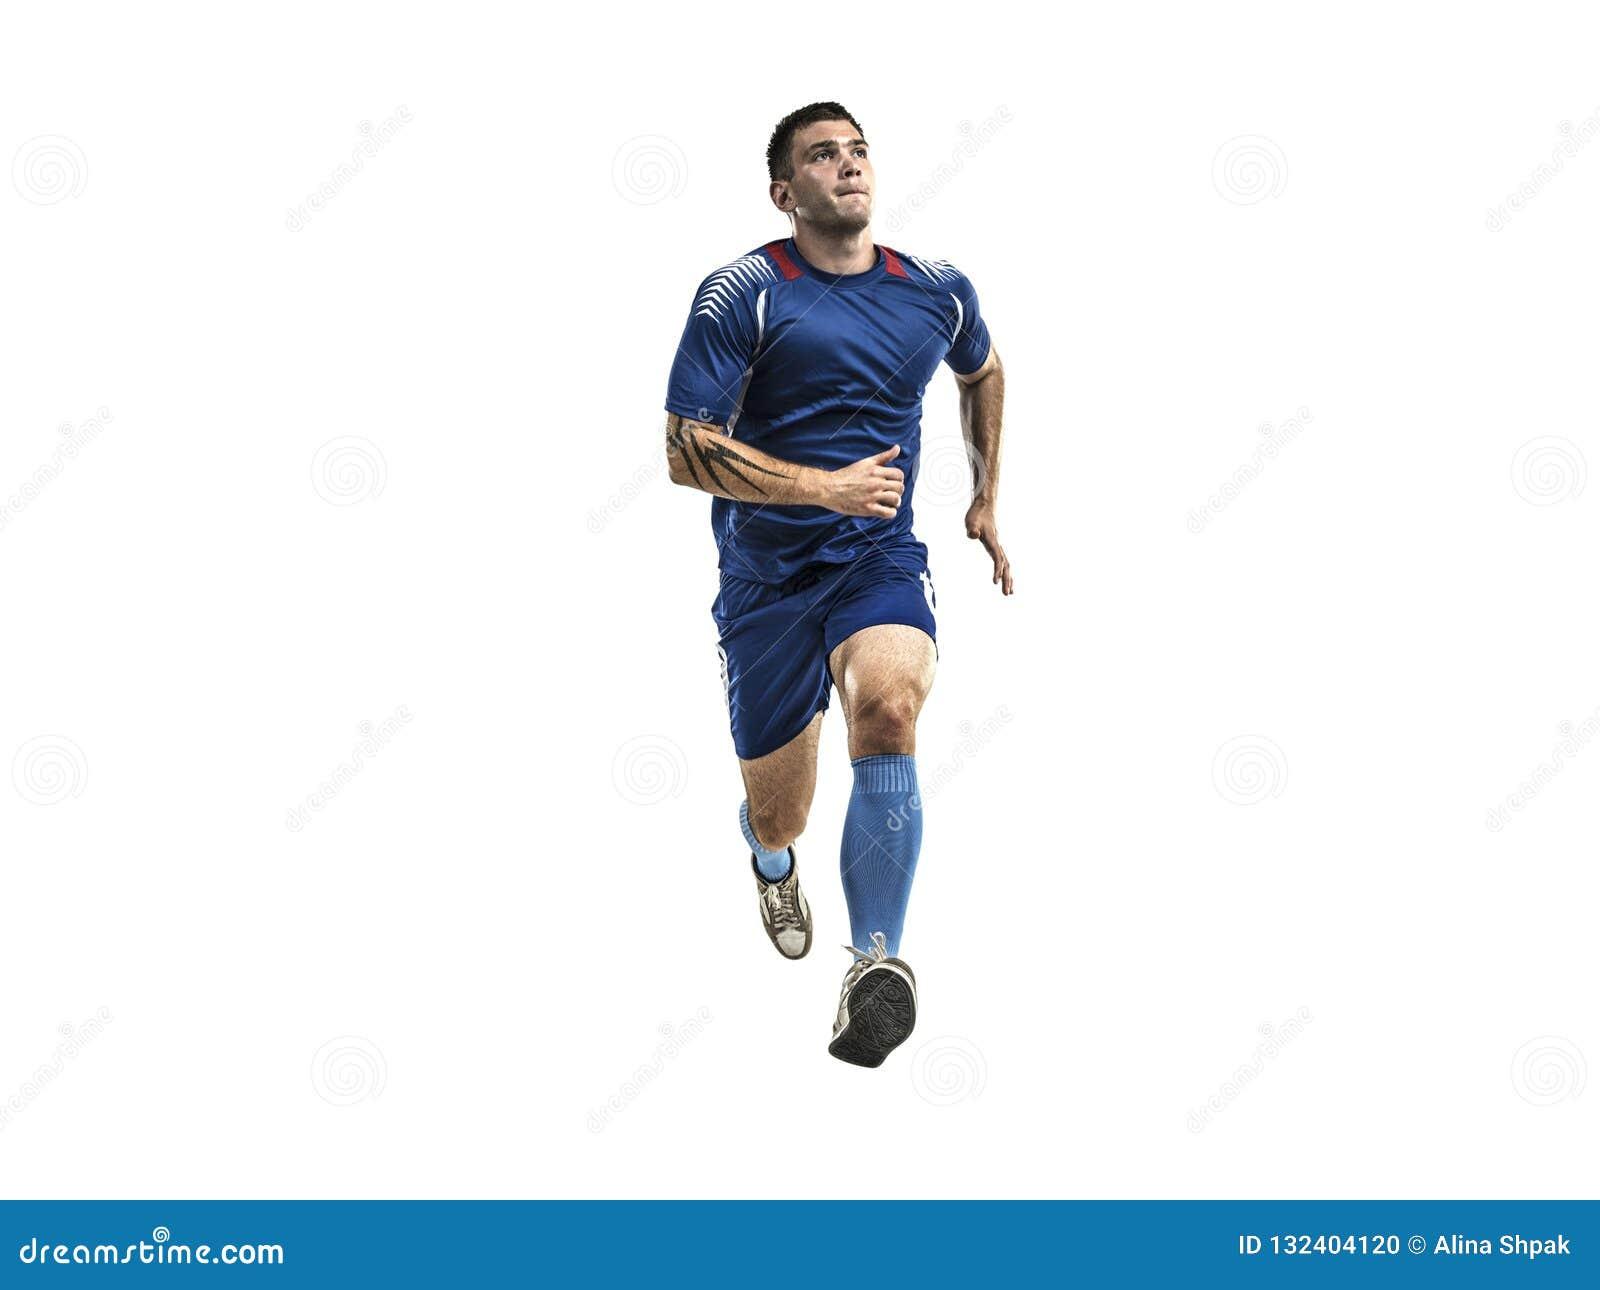 Футболист в голубой форме бежать на белой изоляции